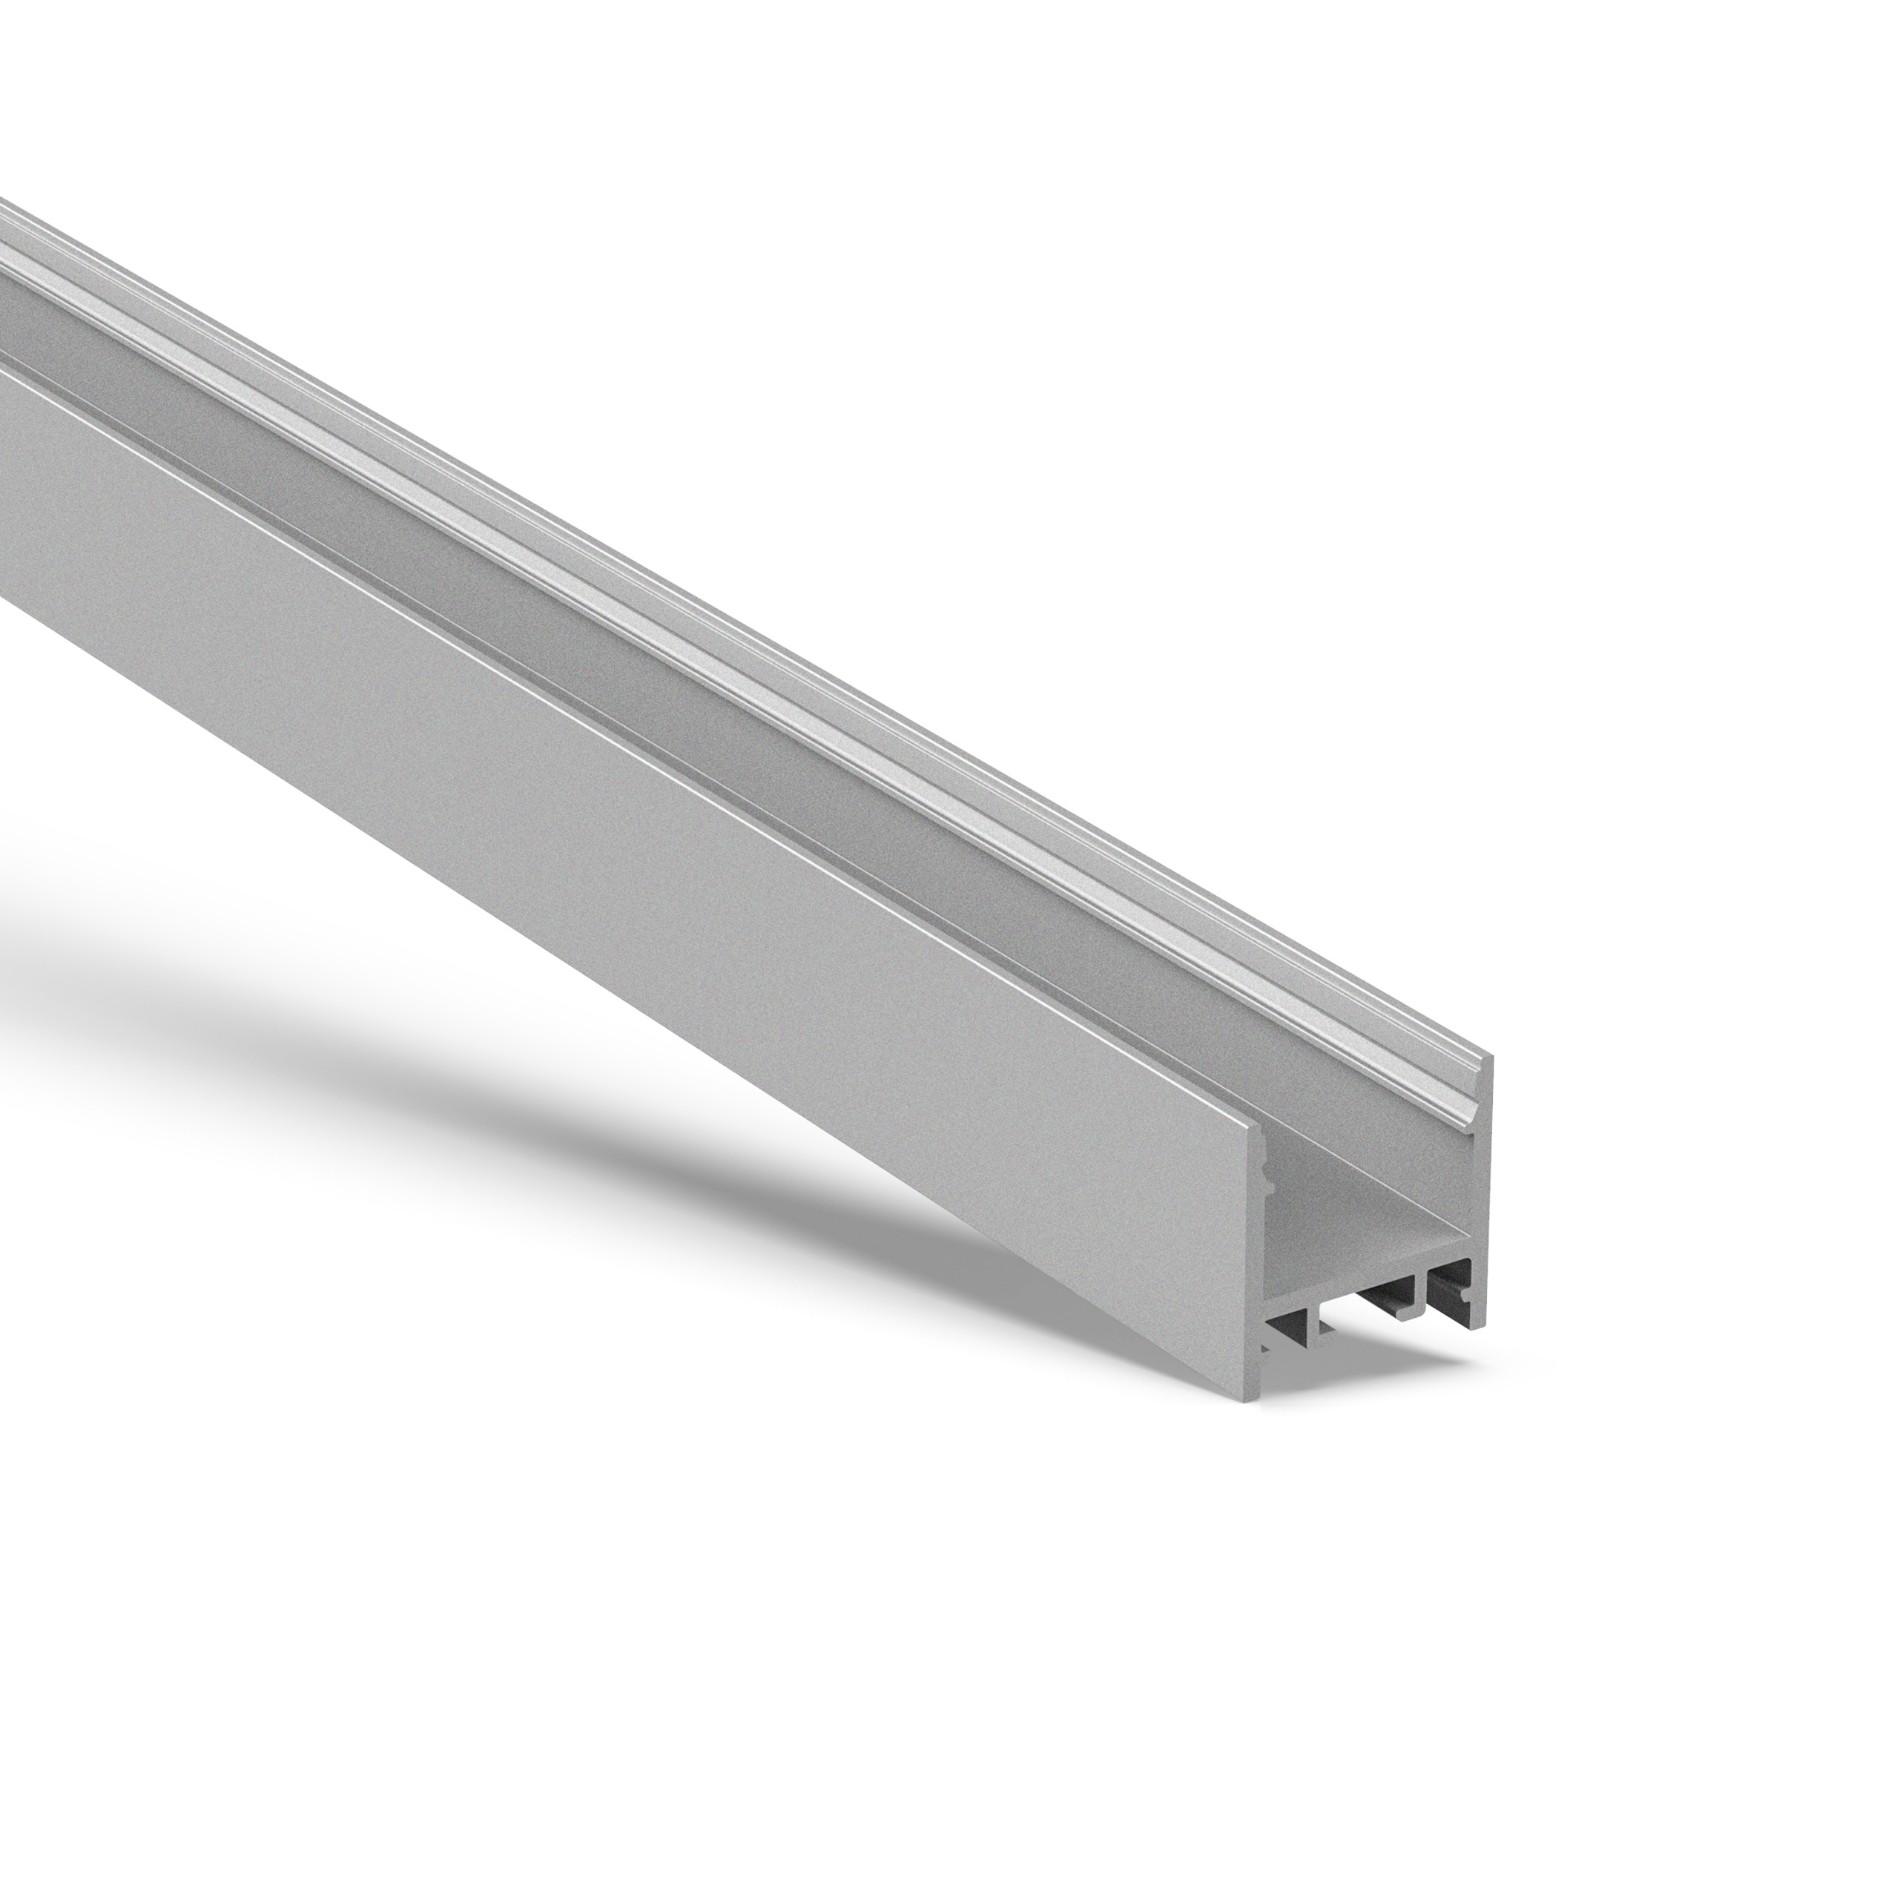 US20 Oberfläche quadratisches LED-Profil 20x20mm